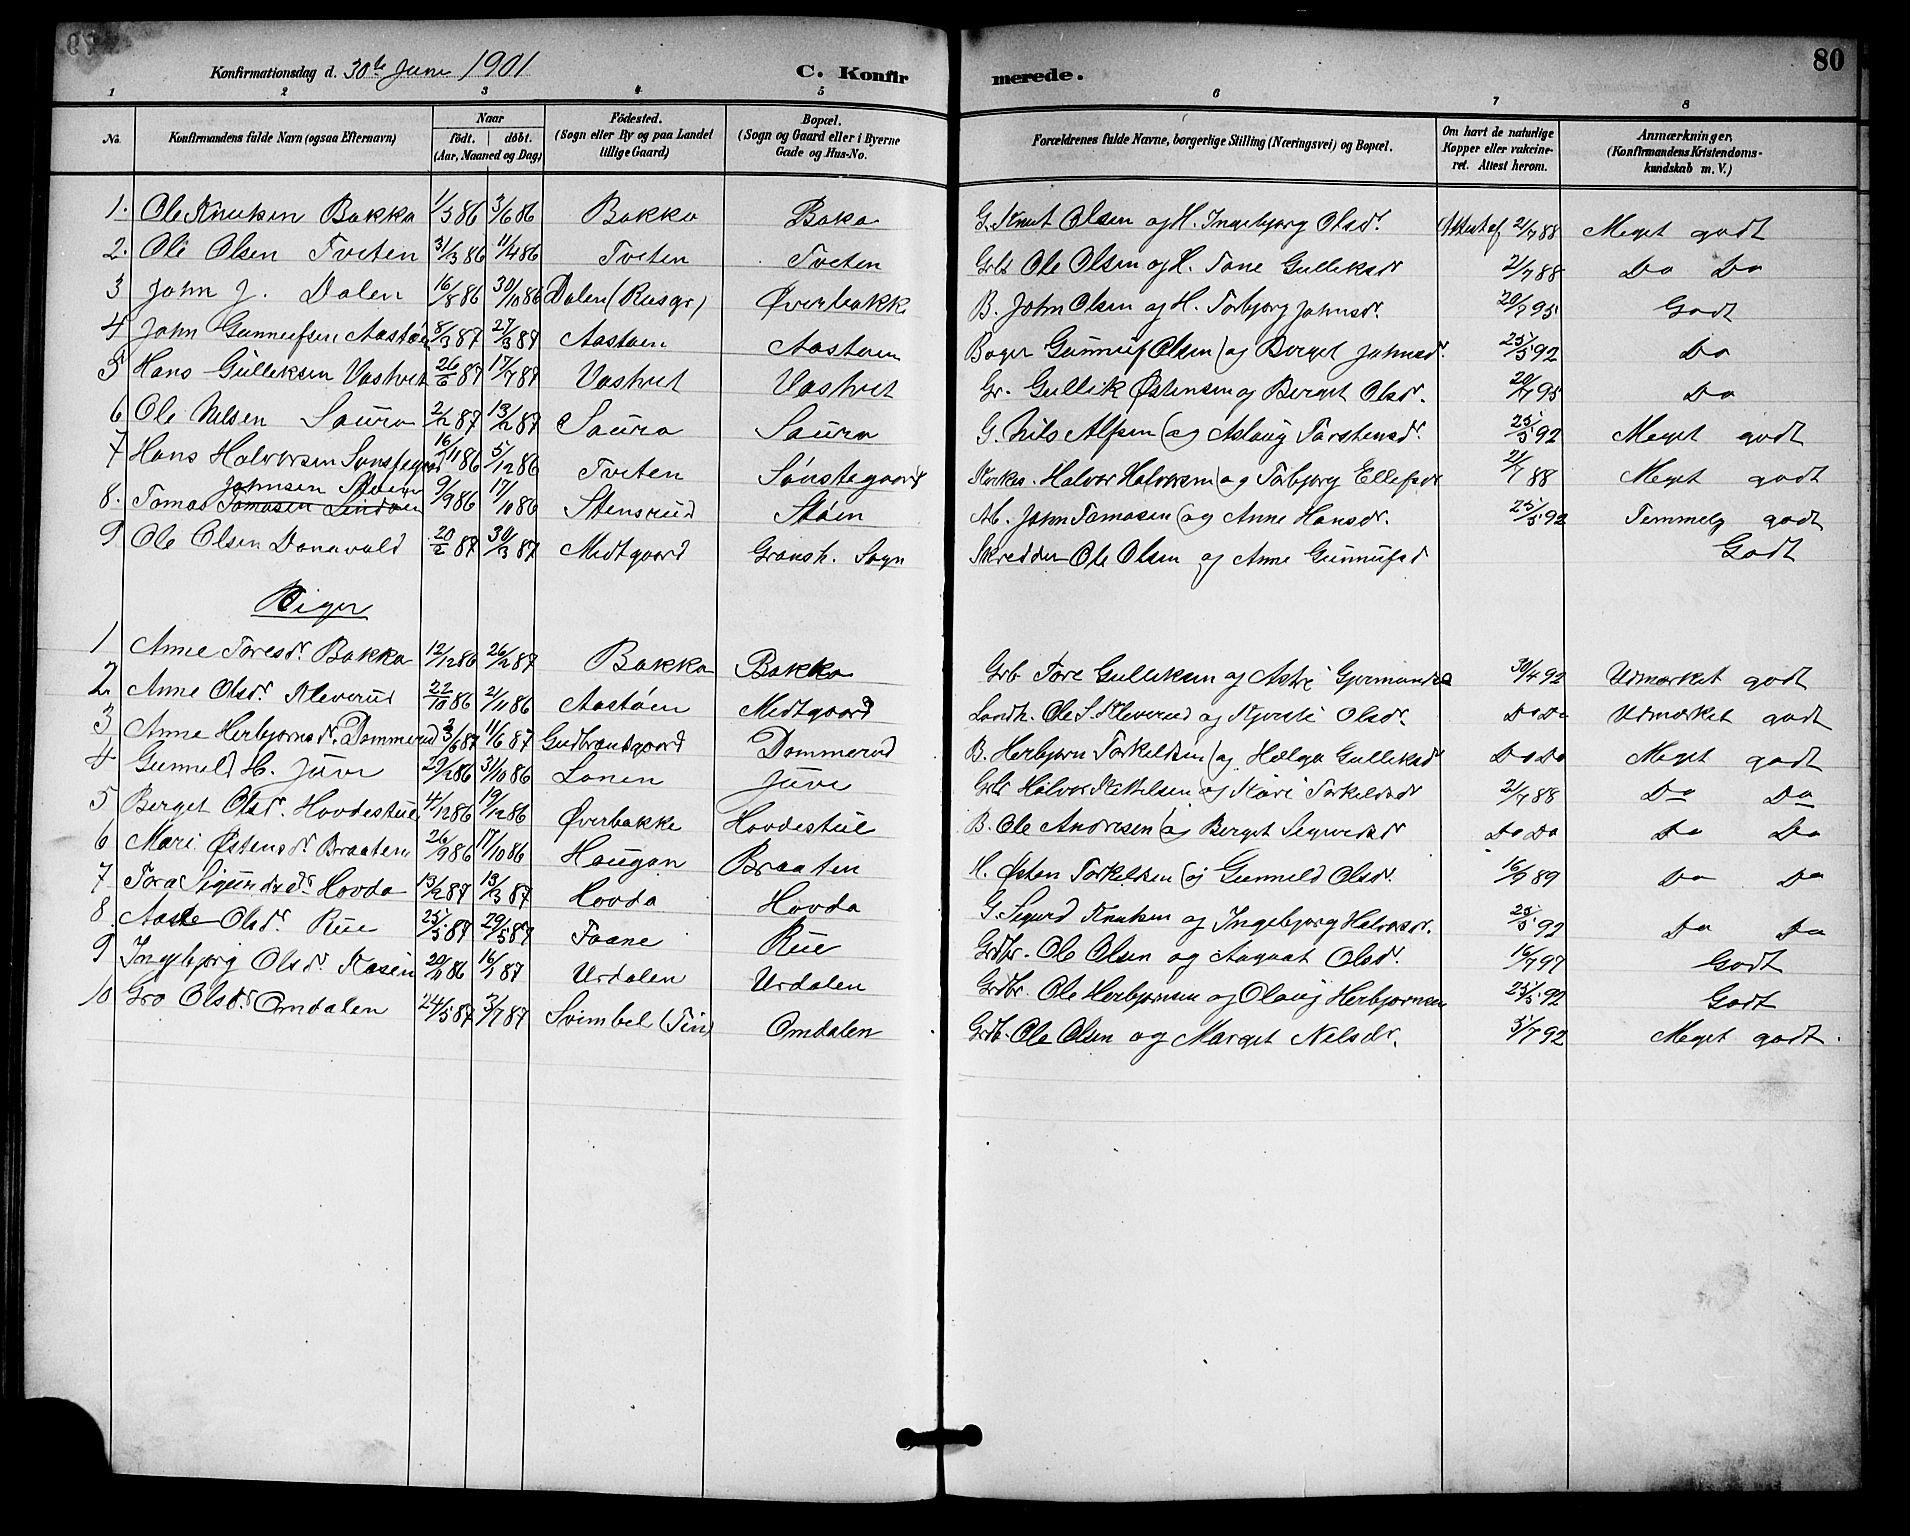 SAKO, Gransherad kirkebøker, G/Gb/L0003: Klokkerbok nr. II 3, 1887-1921, s. 80